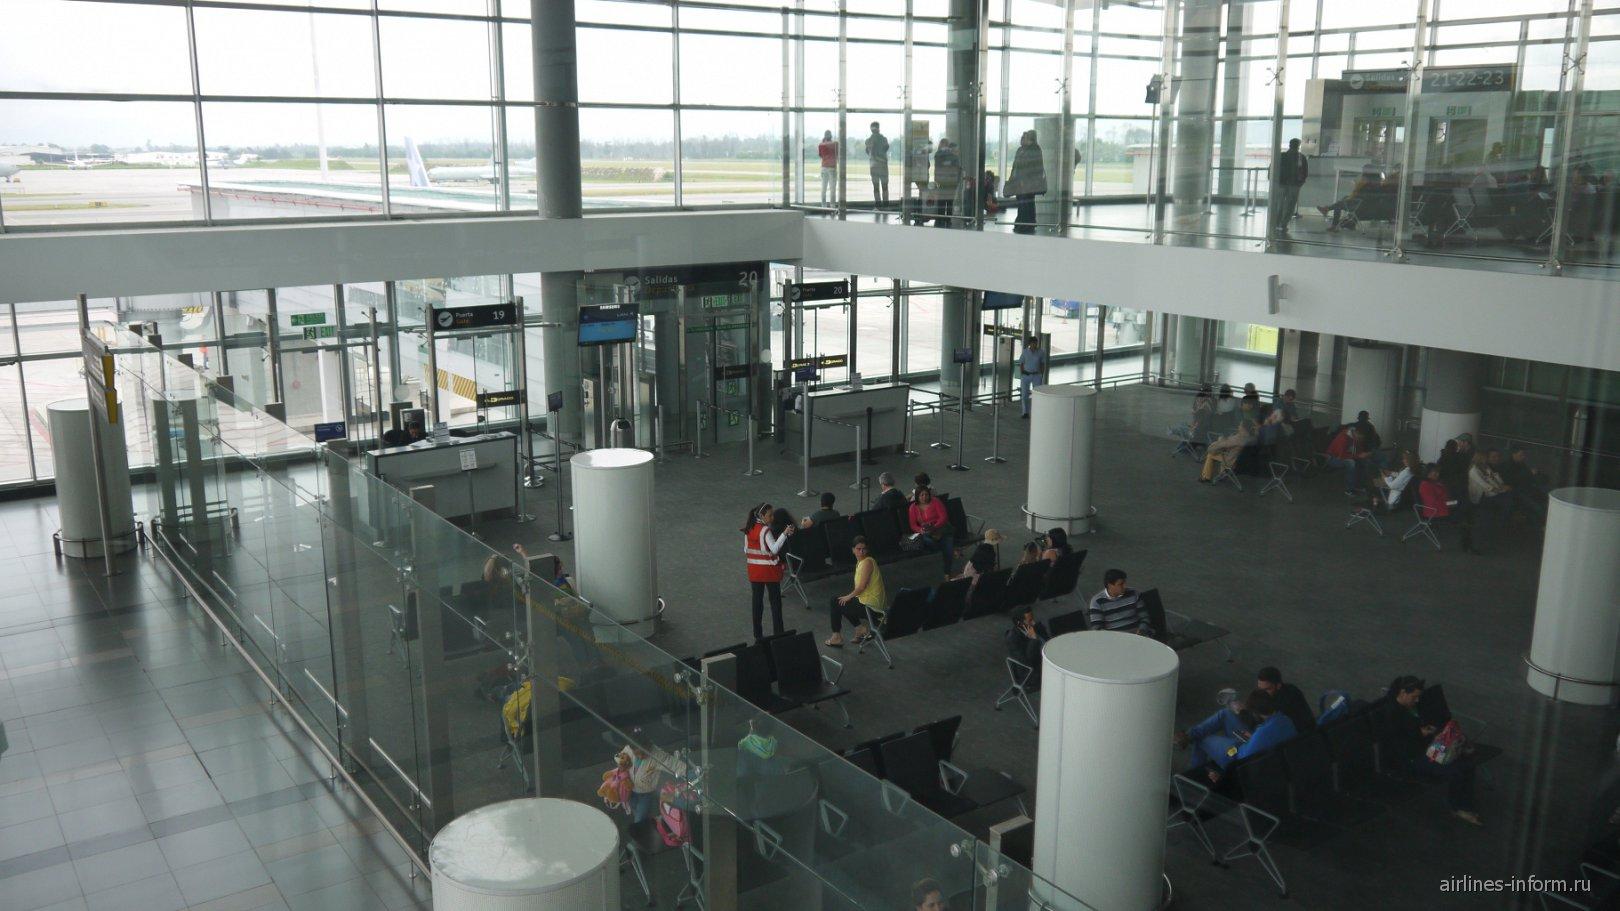 ыход на посадку в терминале внутренних рейсов аэропорта Богота Эльдорадо